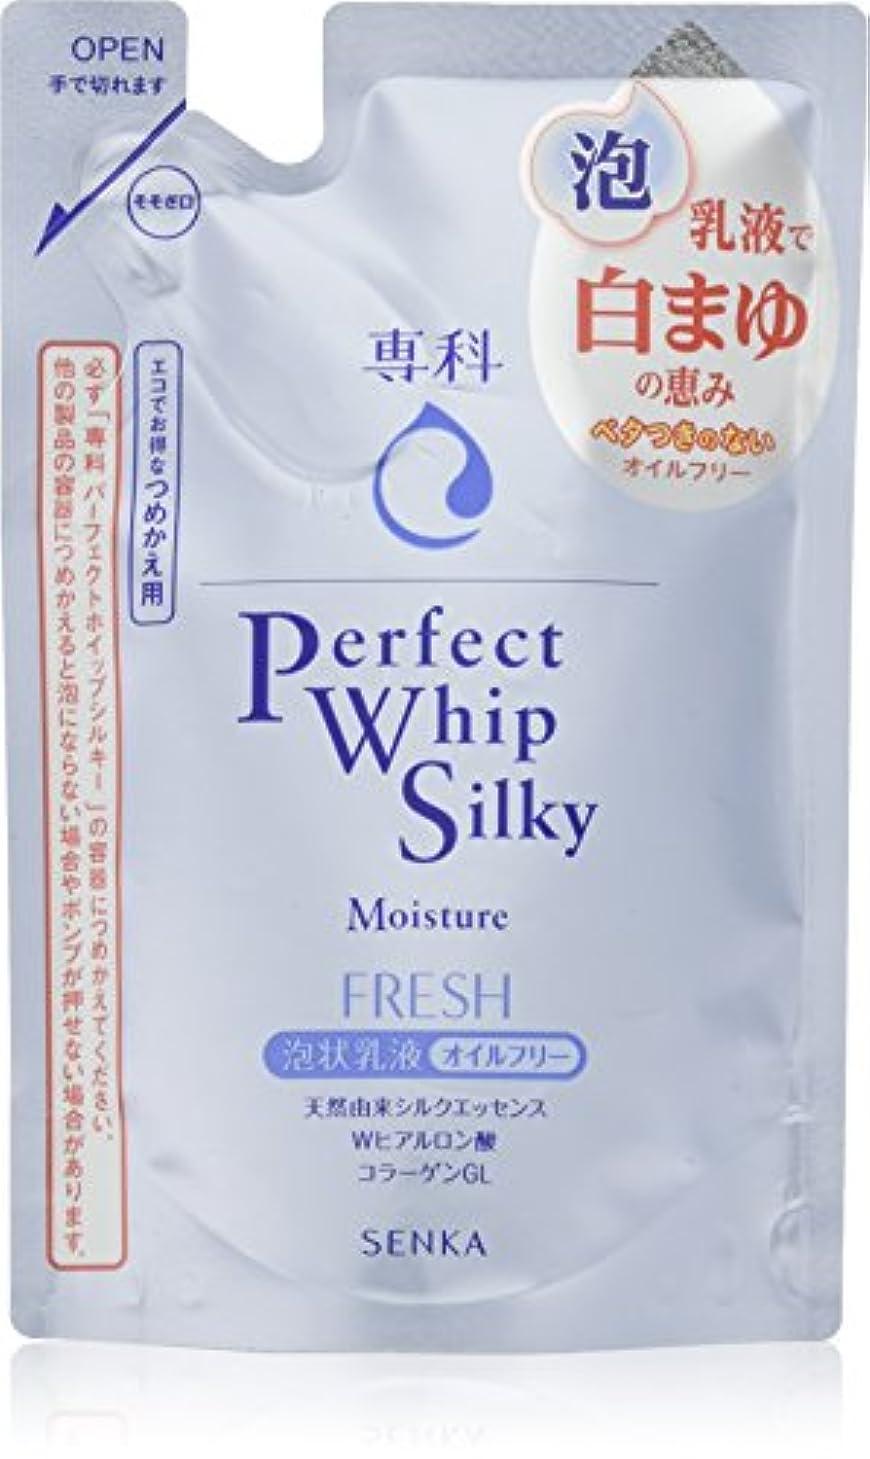 土砂降りマークダウン栄光の専科 パーフェクトホイップシルキー 詰め替え用 保湿乳液 130ml